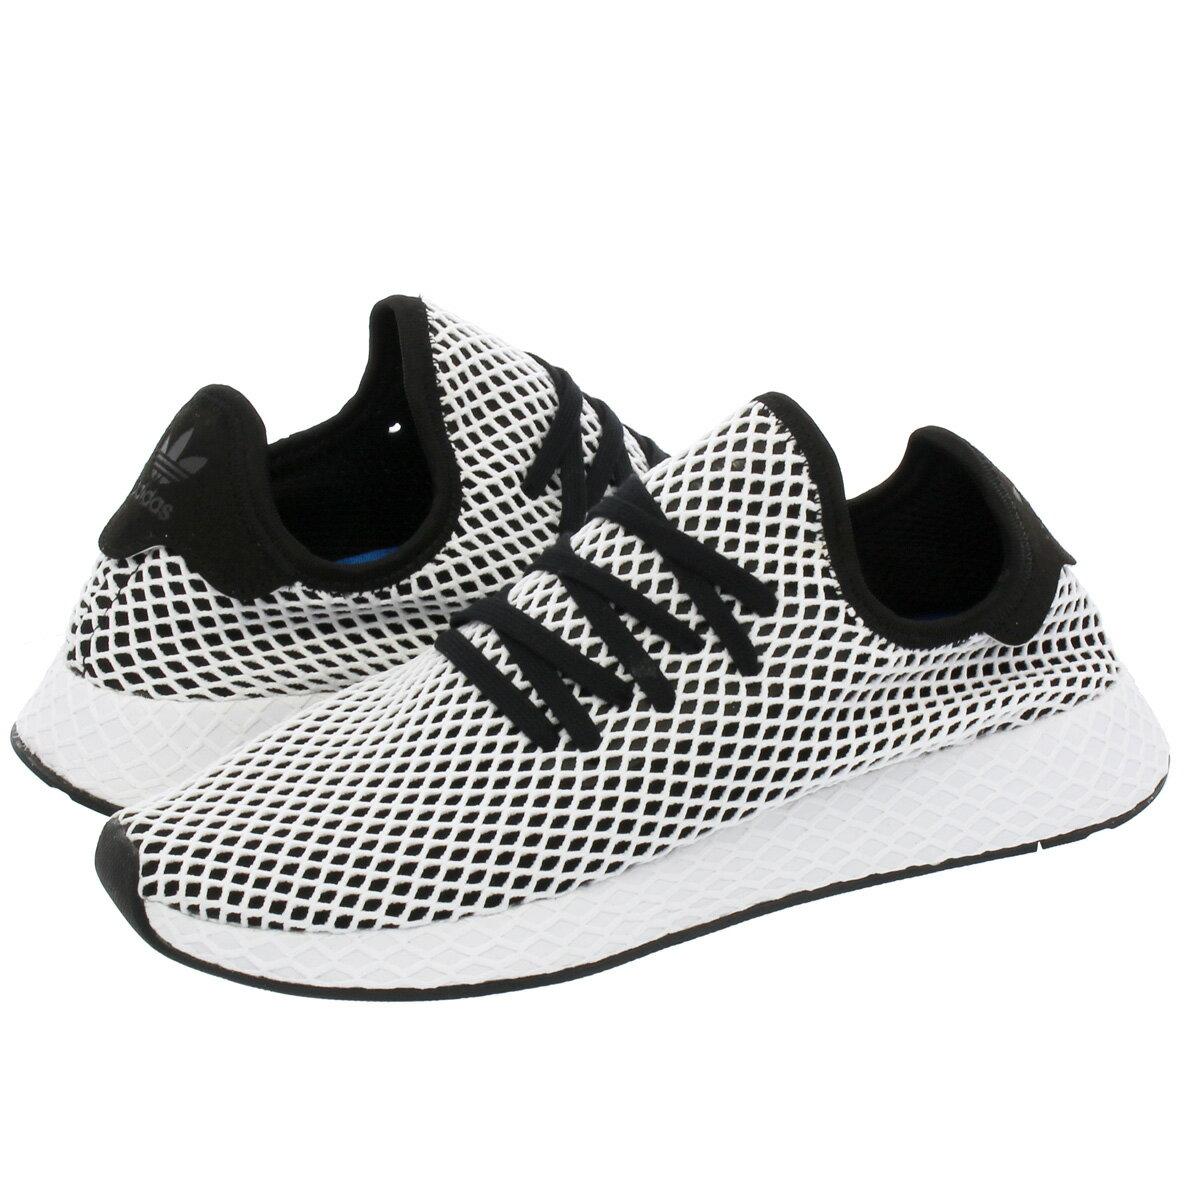 【半期に一度の決算セール】 adidas DEERUPT RUNNER アディダス ディーラプト ランナー CORE BLACK/CORE BLACK/RUNNING WHITE